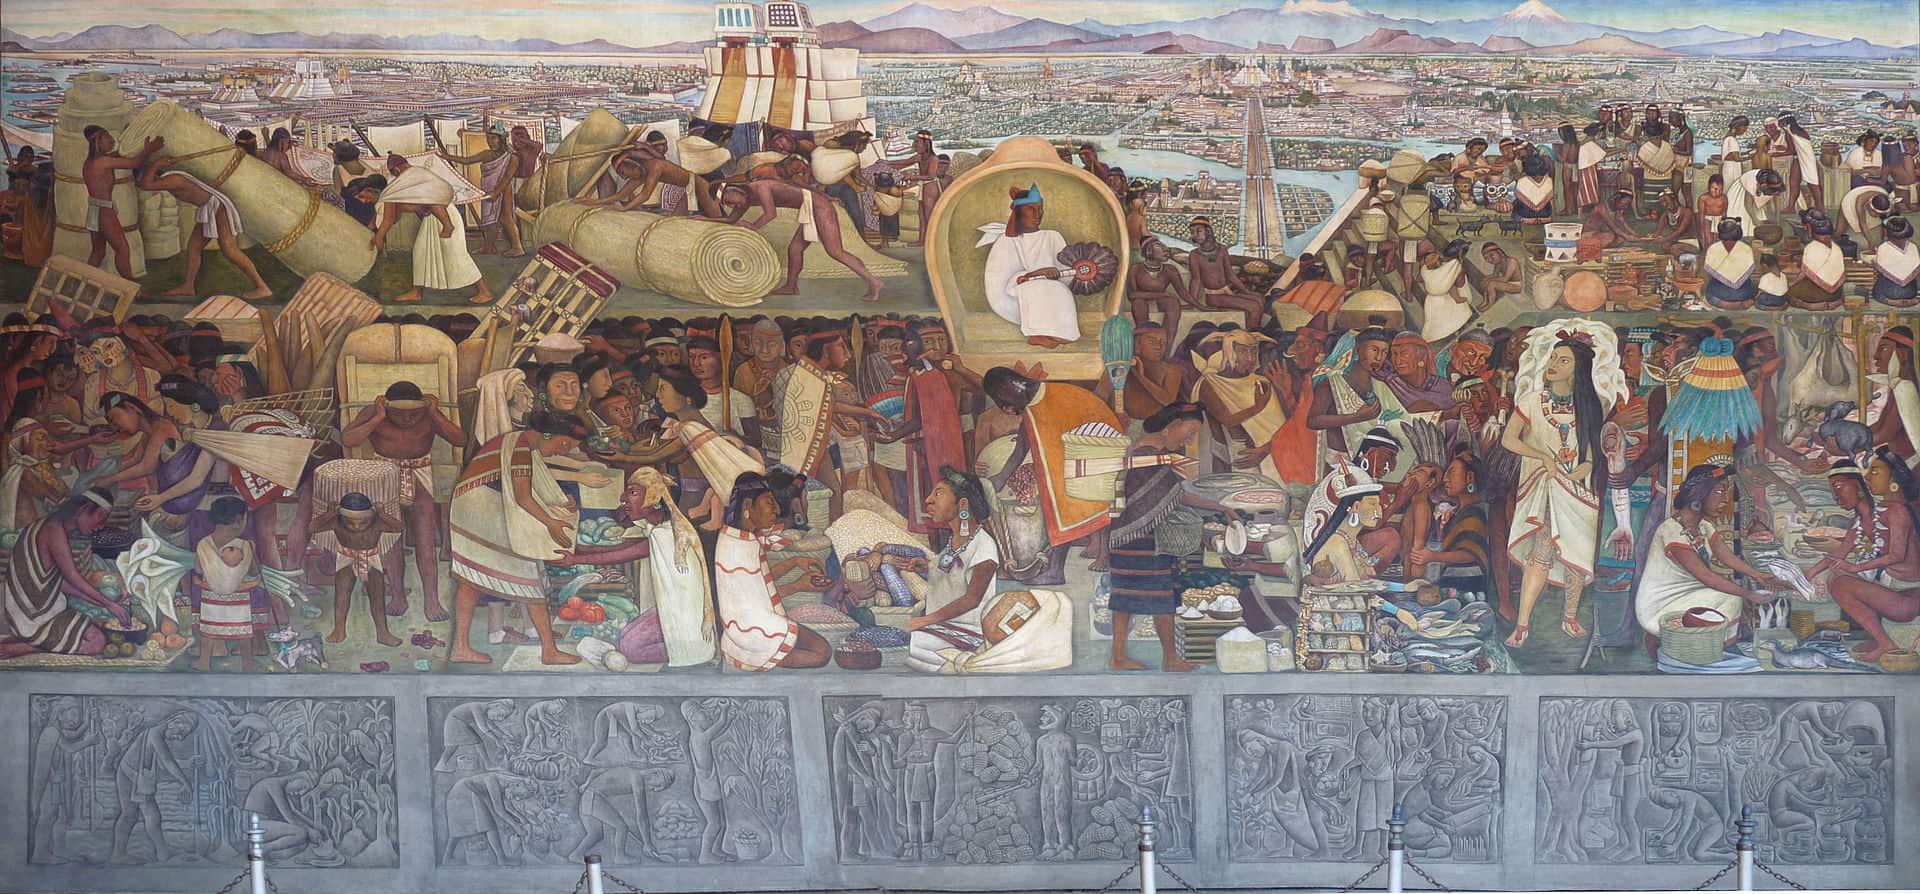 tenochtitlan, aztec facts